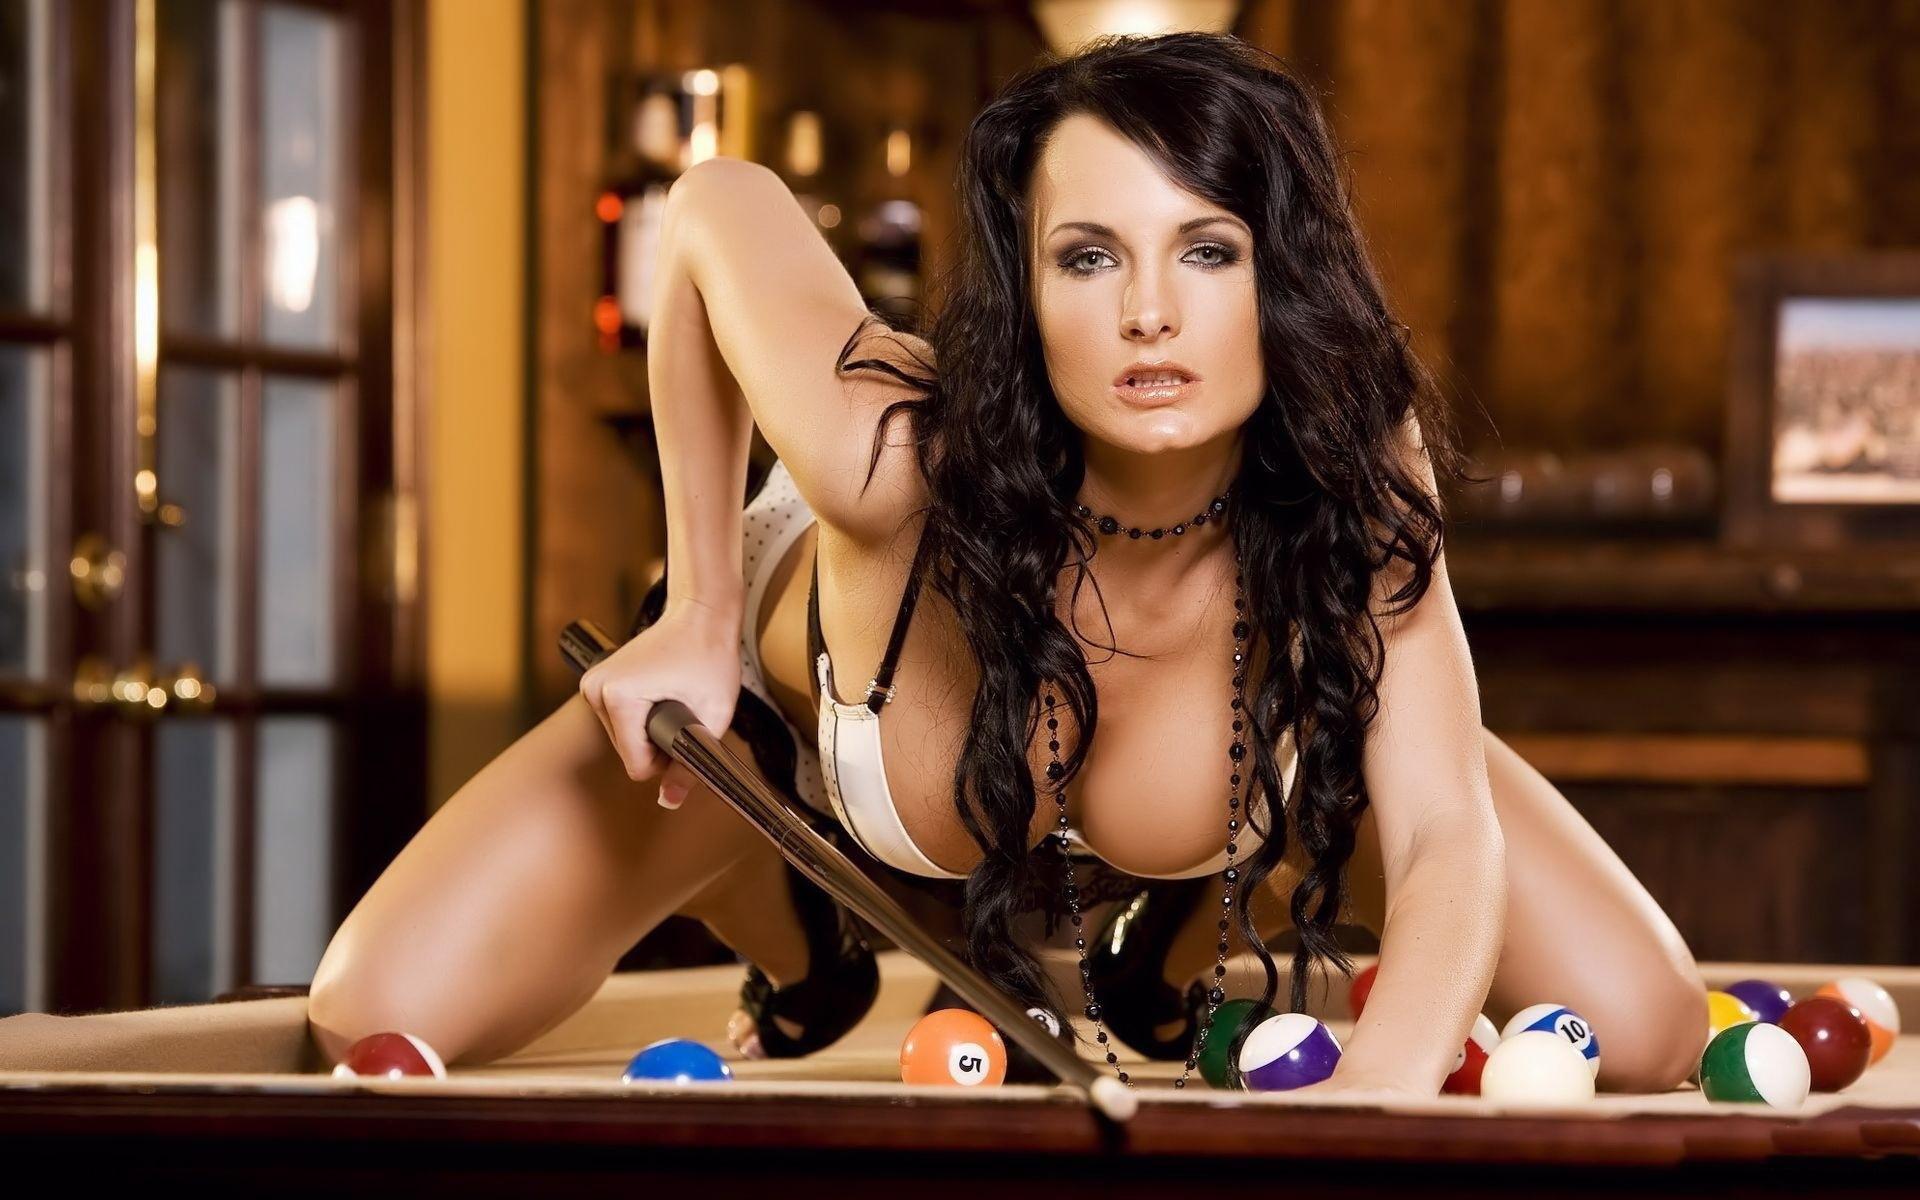 bryunetka-na-bilyardnom-stole-foto-erotika